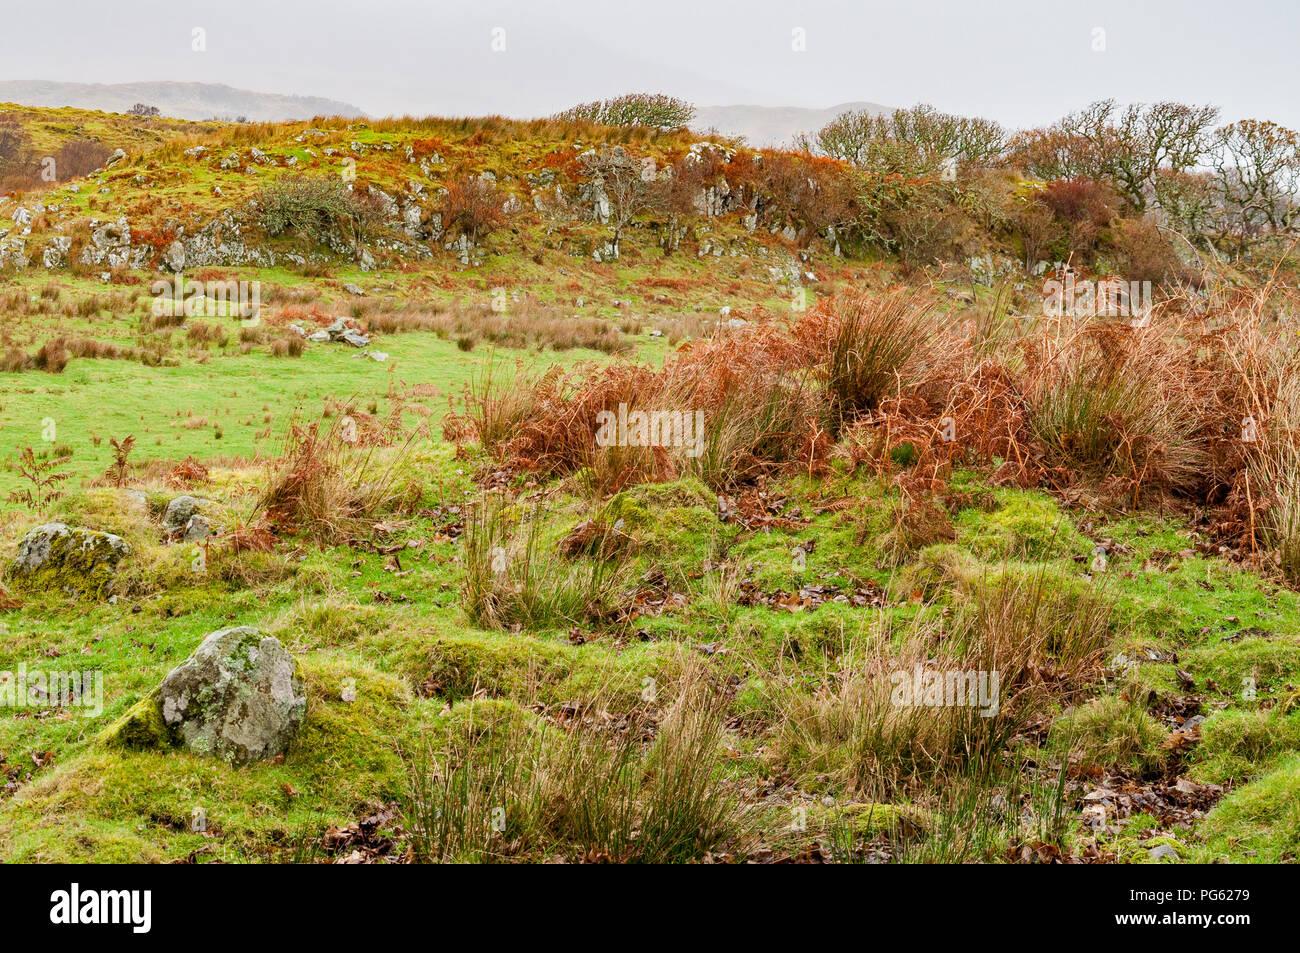 Páramo de tierra con hierba y rocas cubiertas de musgo y helechos en invierno Foto de stock